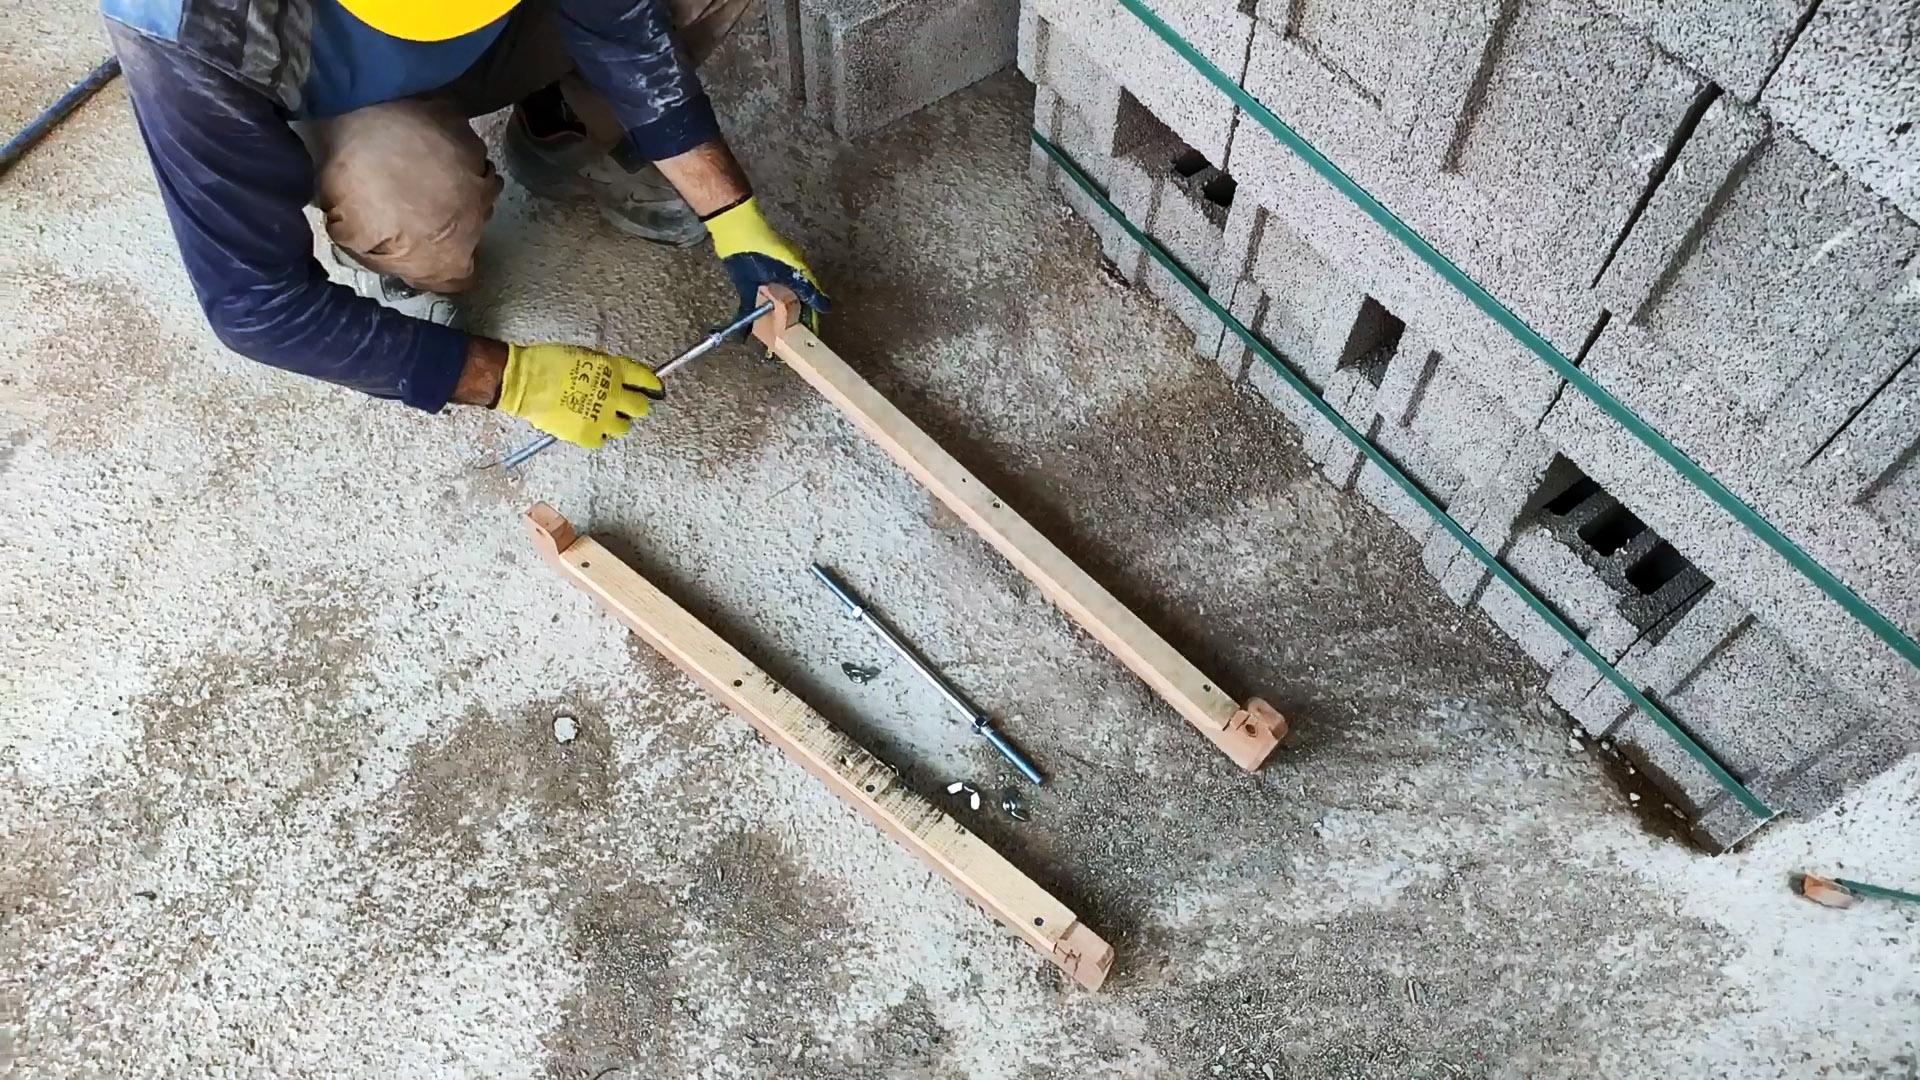 Шаблон каменщика для кладки своими руками. Повысит качество и сбережет силы